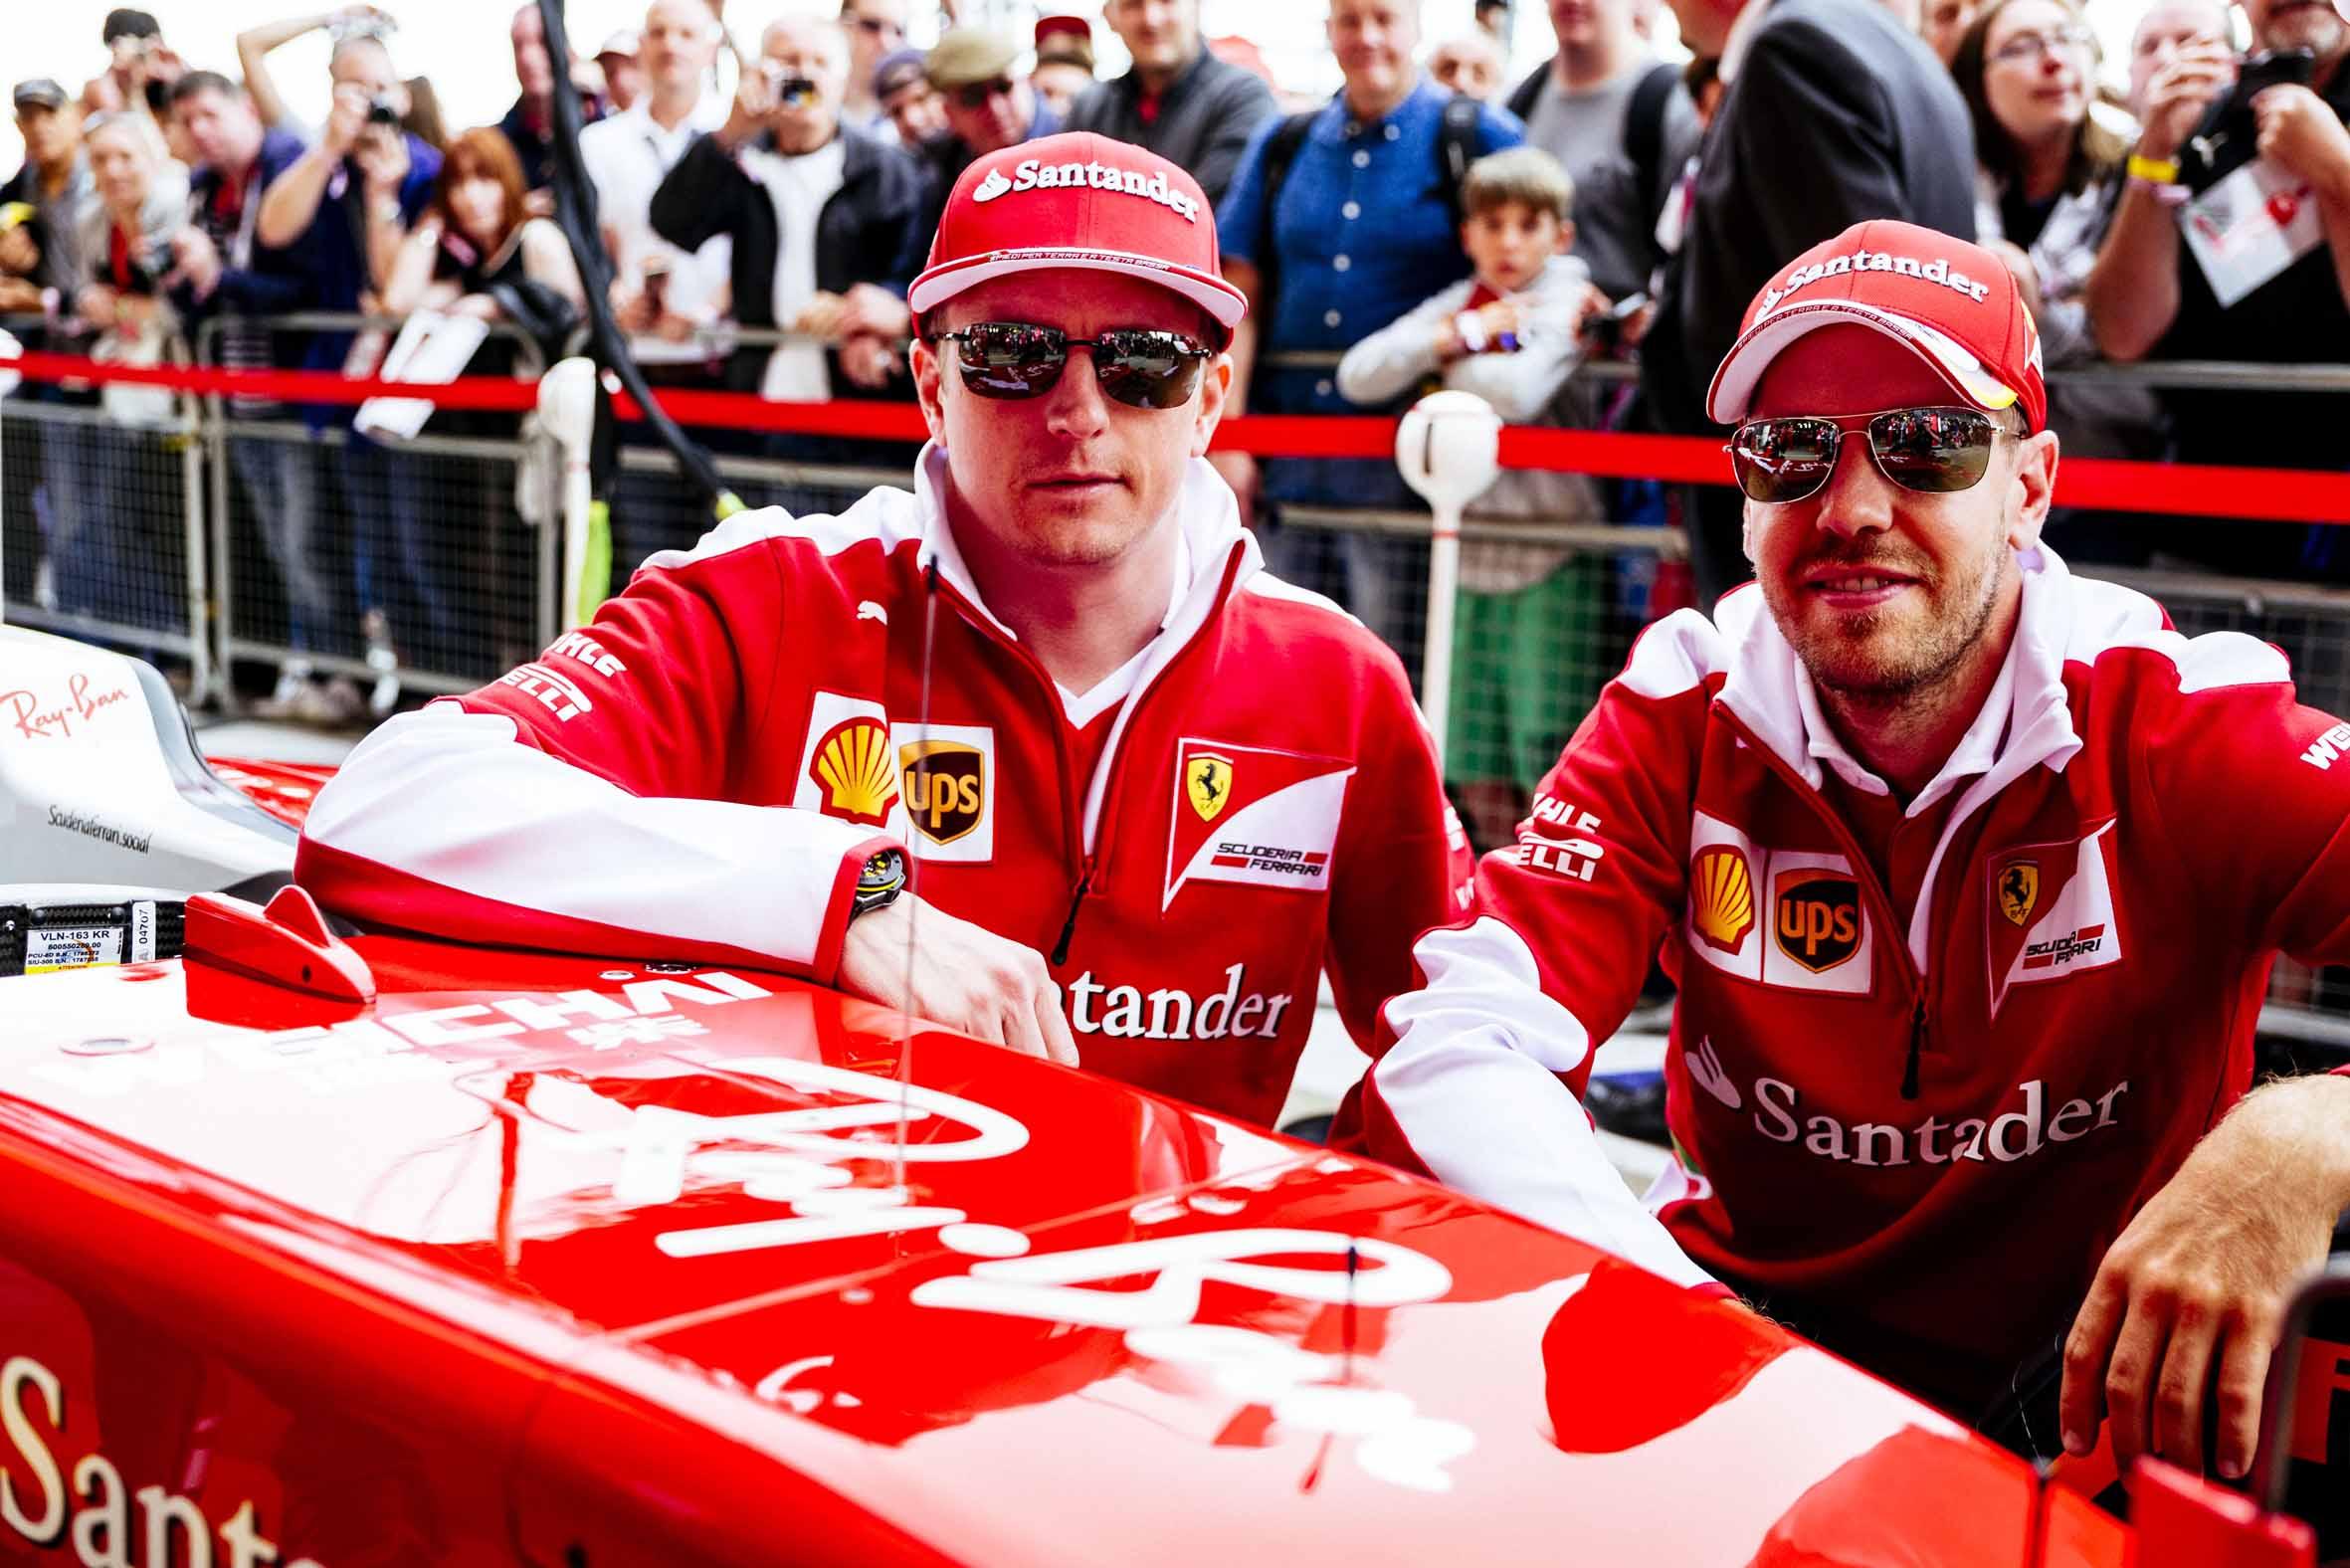 ray ban ferrari 3 - Luxottica y Ferrari confirman contrato de licencia por varios años